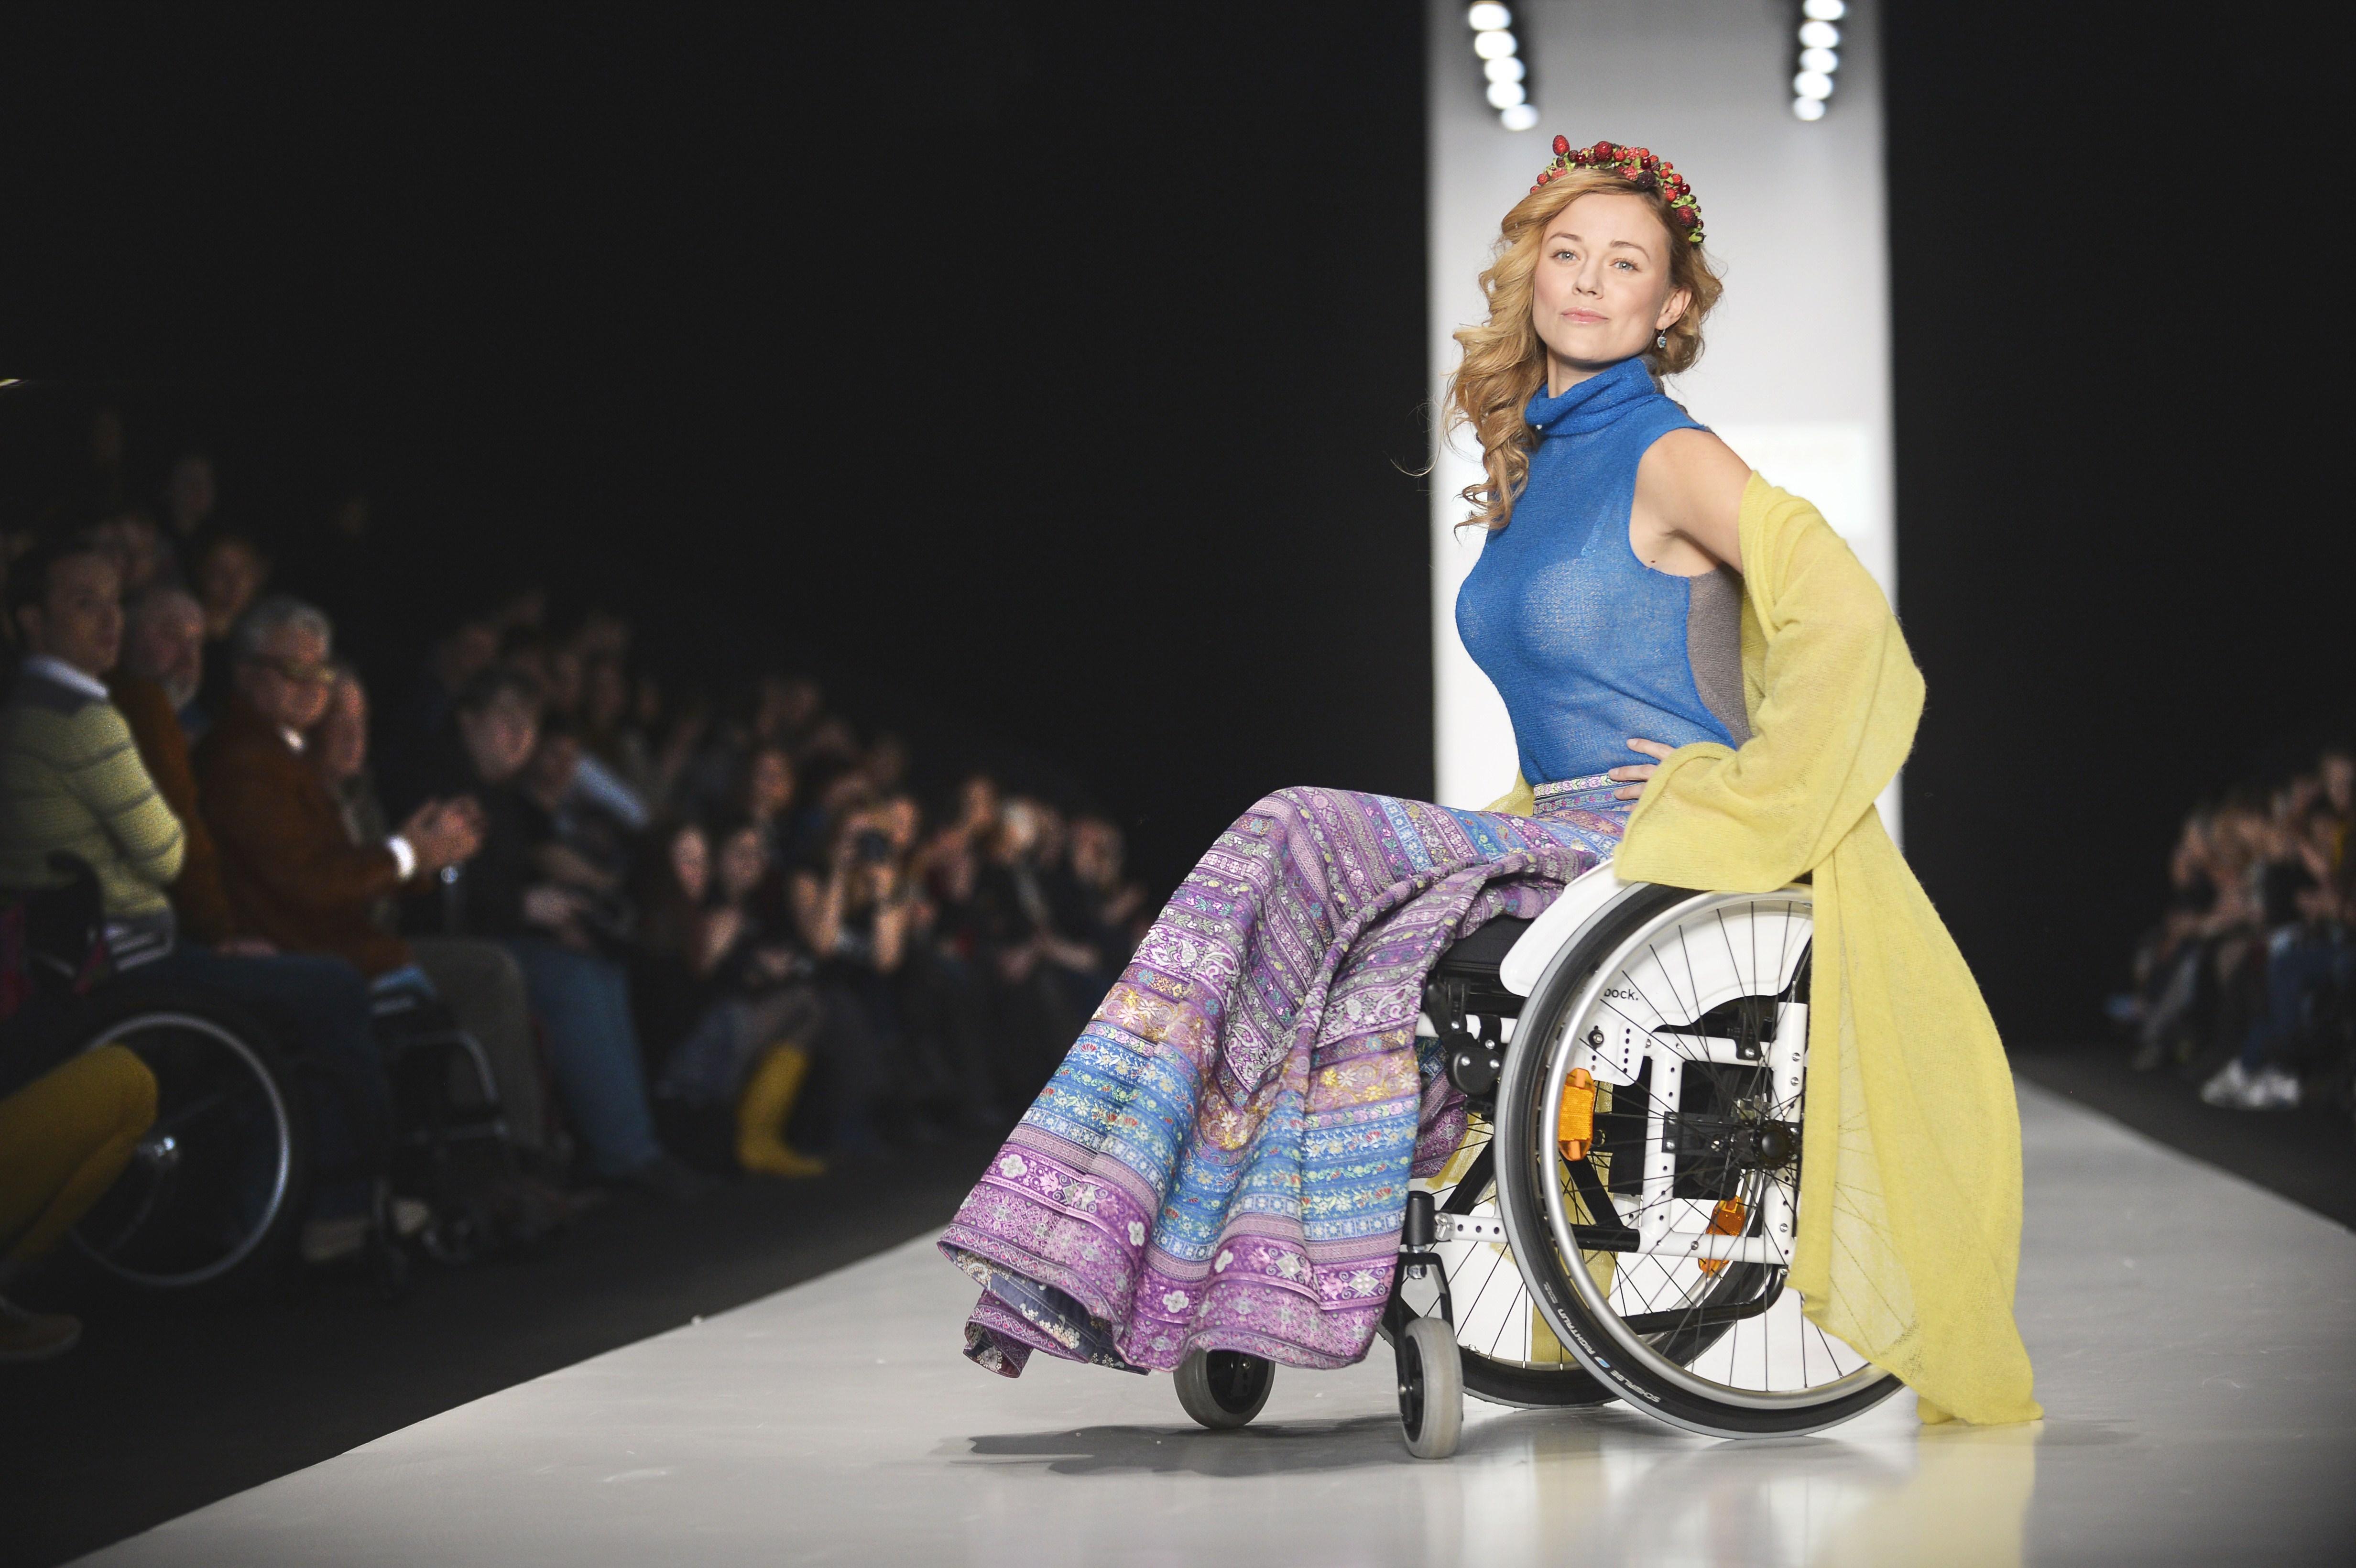 Moda senza confini: i disabili sfilano in passerella a Mosca (FOTO)